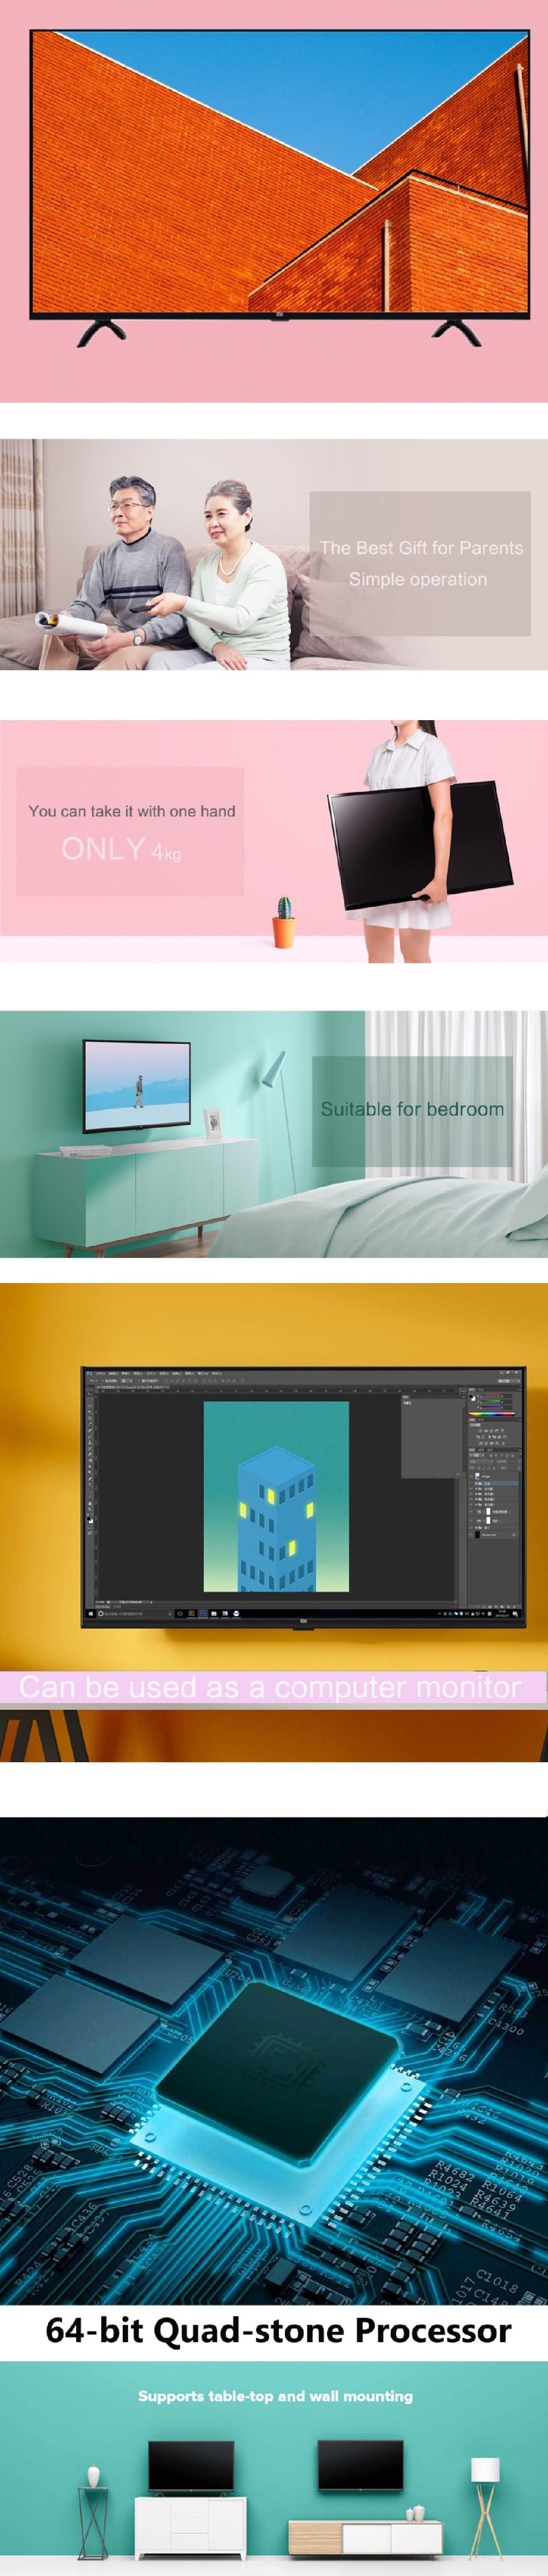 Prezentare-Xiaomi-Mi-TV-32-inch791dccfde62fcc58.jpg